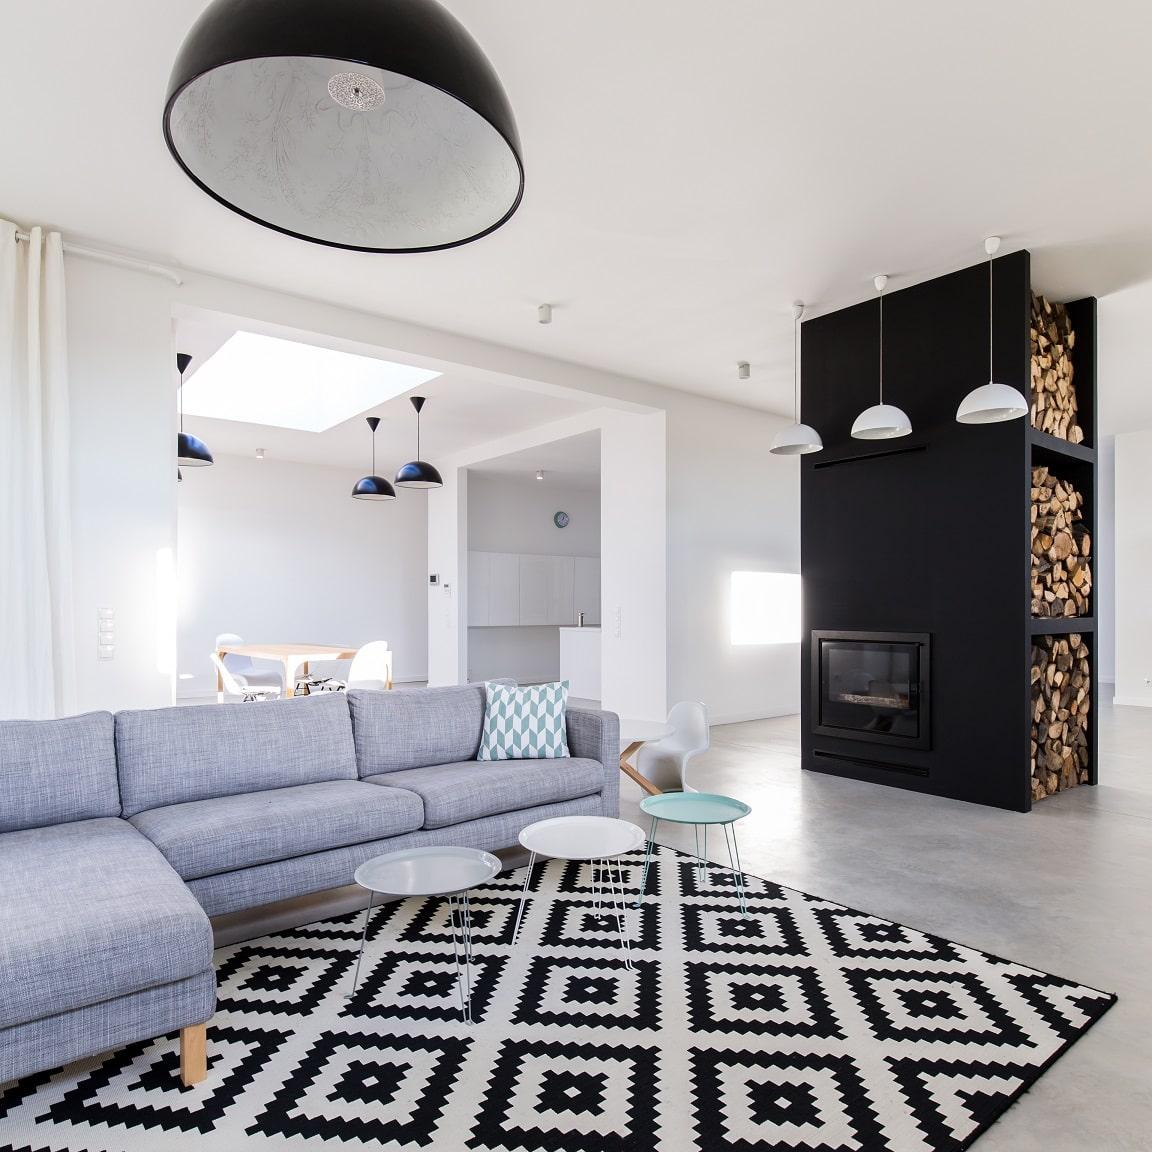 Wohlfühlumgebung - gemütliches Wohnzimmer - Wohnideen und Inspirationen bei DESMONDO